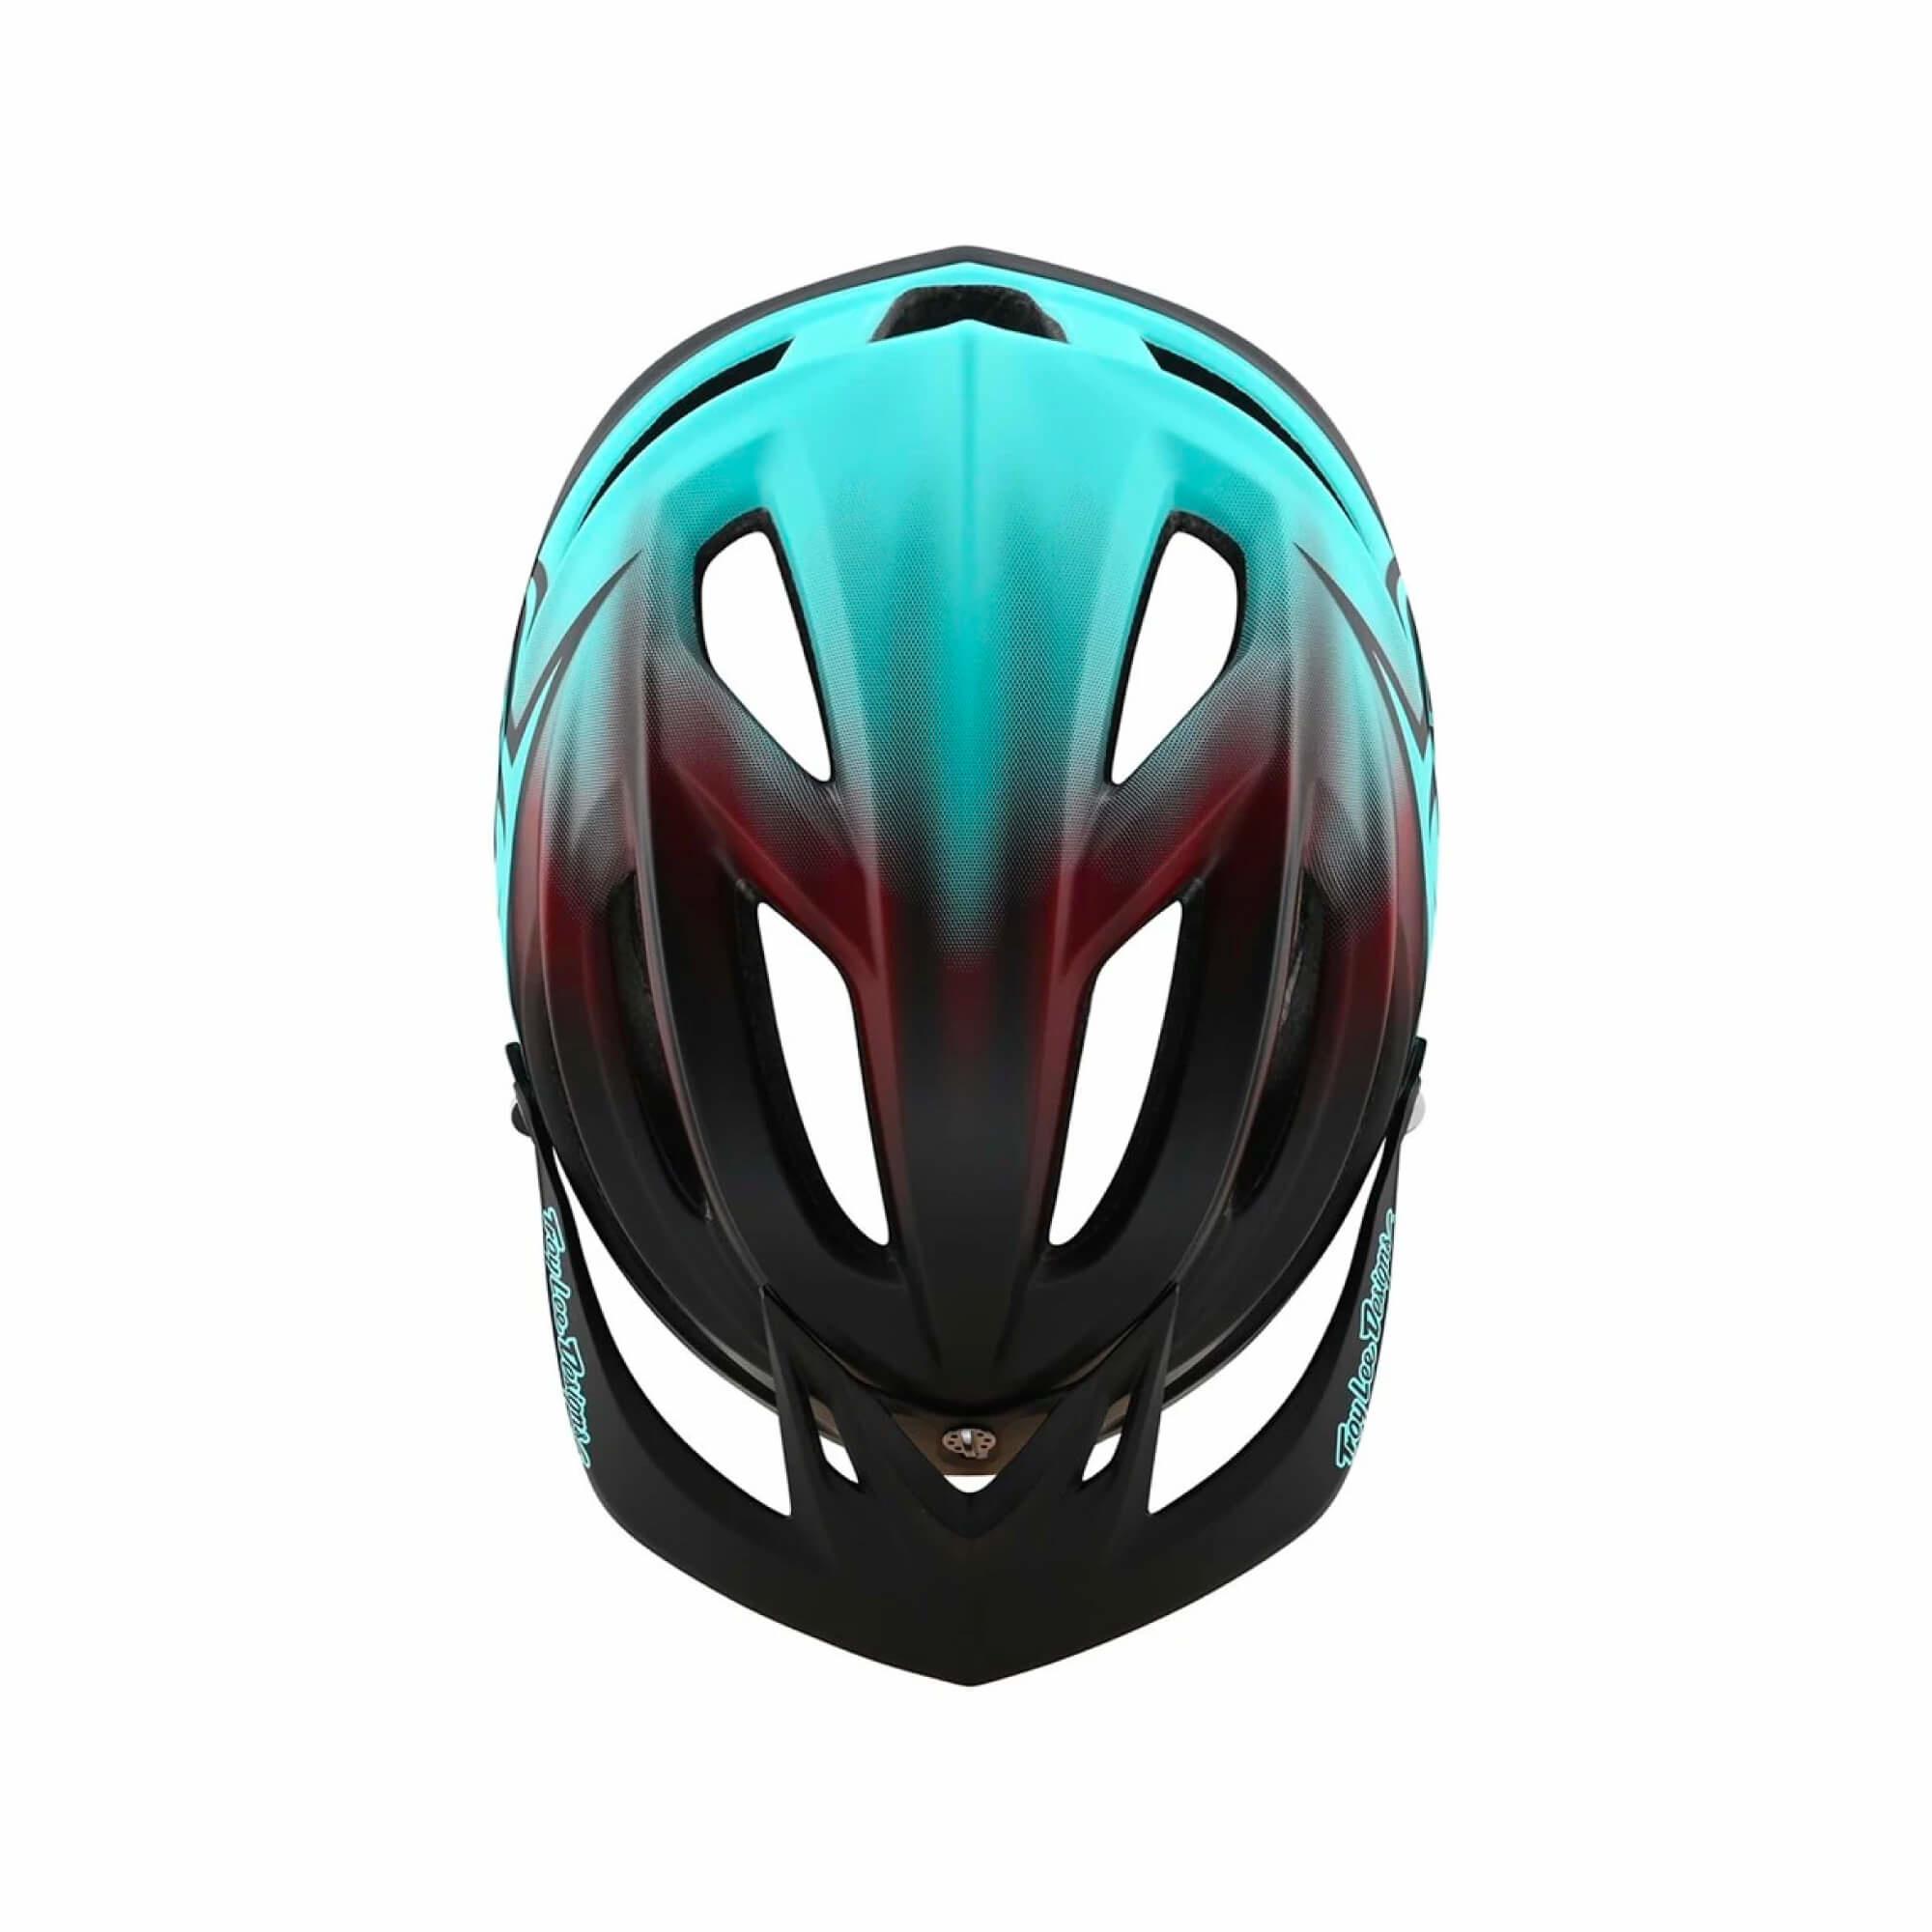 ER A2 As Mips Helmet 21-3